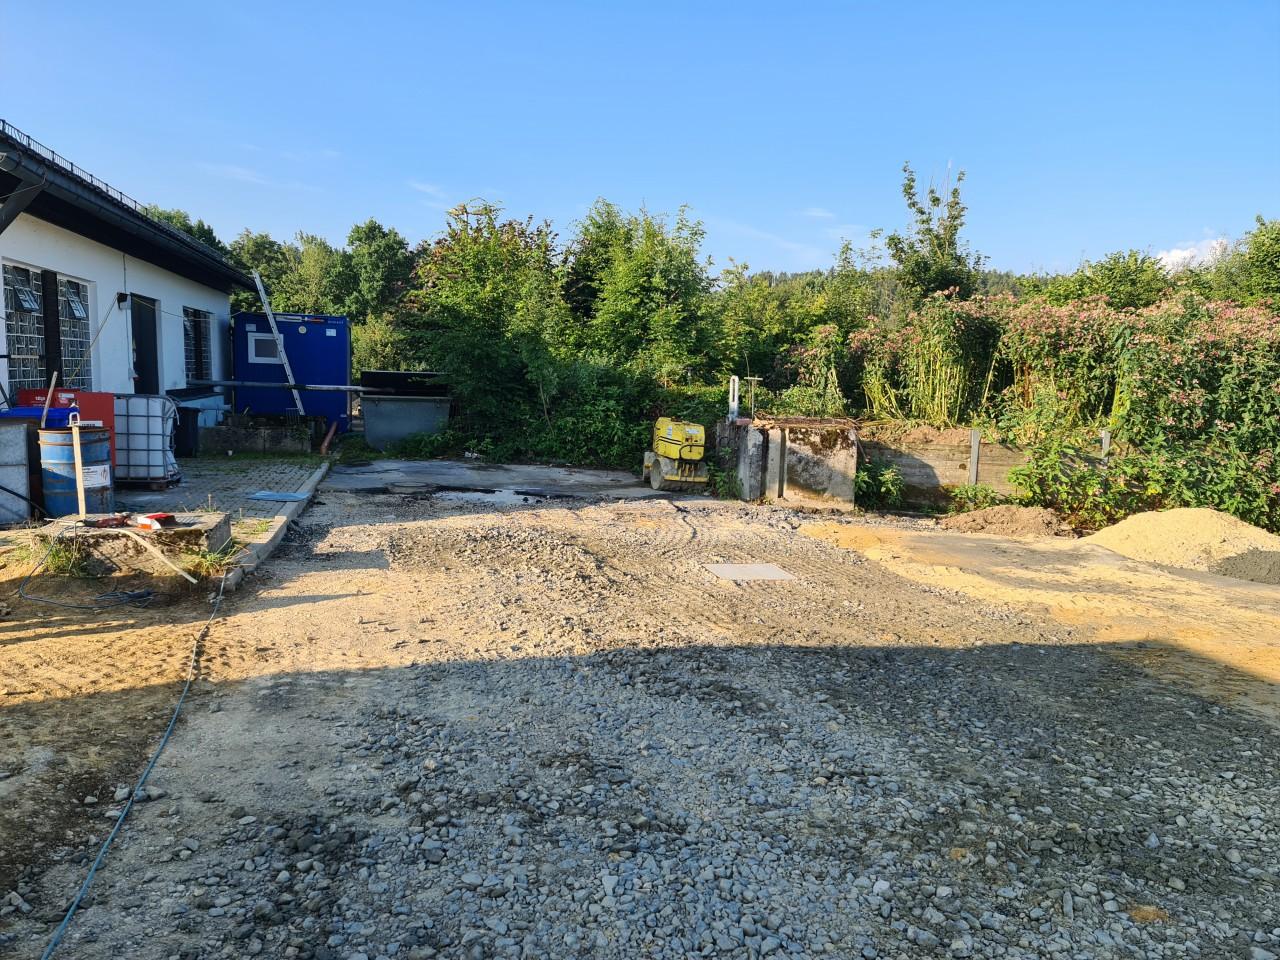 28.07.2021 Das Baulager wurde versetzt um an der Stelle weitere Arbeiten zu beginnen.jpg